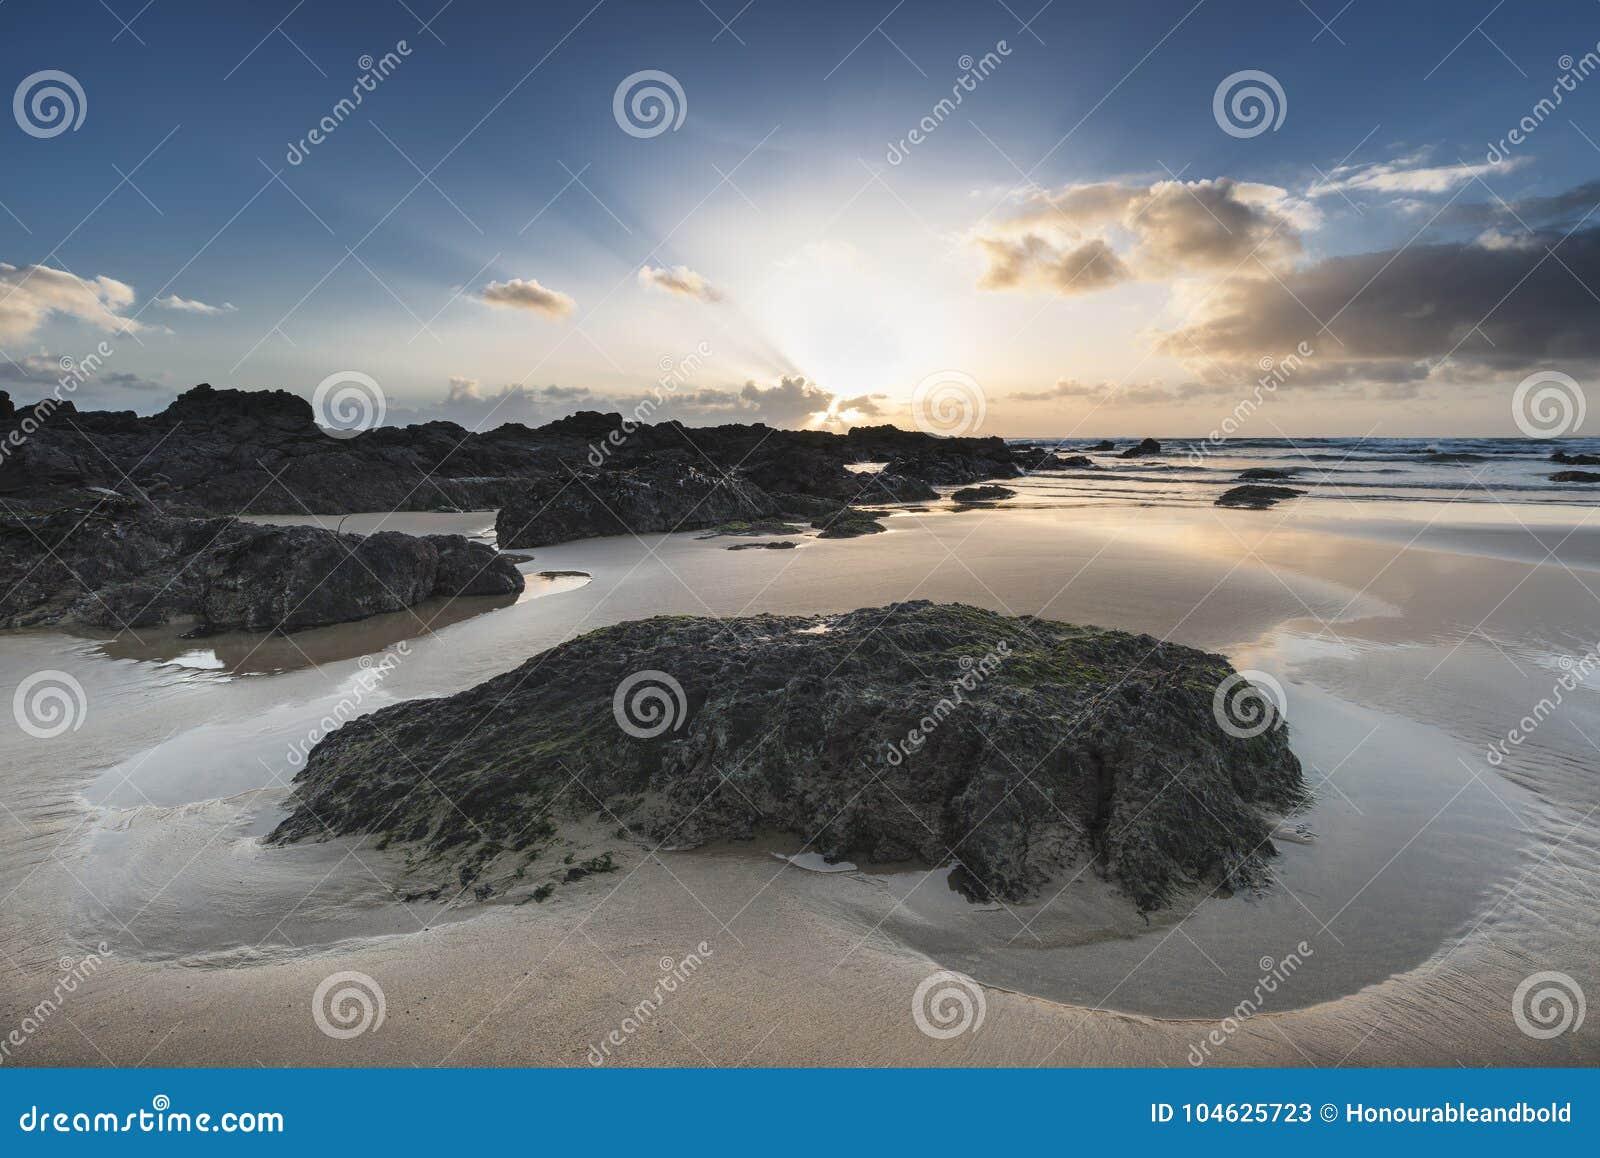 Download Het Overweldigende Beeld Van Het Zonsonderganglandschap Van Zoetwater Het Westenstrand Op Pemb Stock Afbeelding - Afbeelding bestaande uit vreedzaam, cove: 104625723